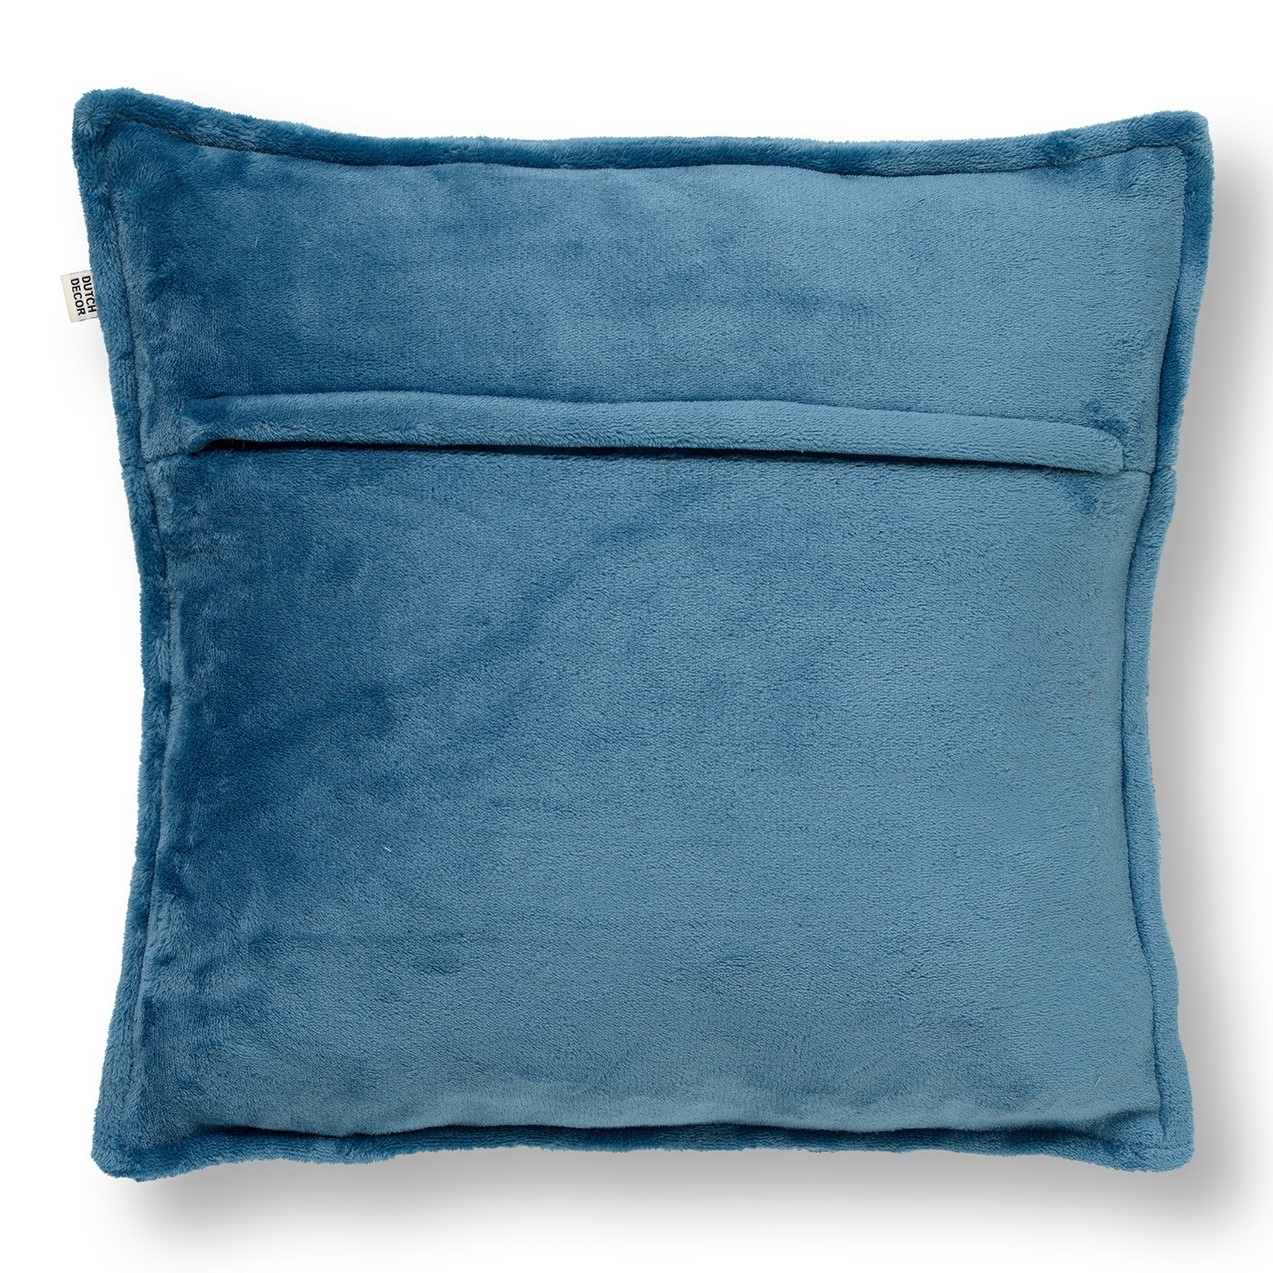 CILLY - Kussenhoes van fleece Provincial Blue 45x45 cm